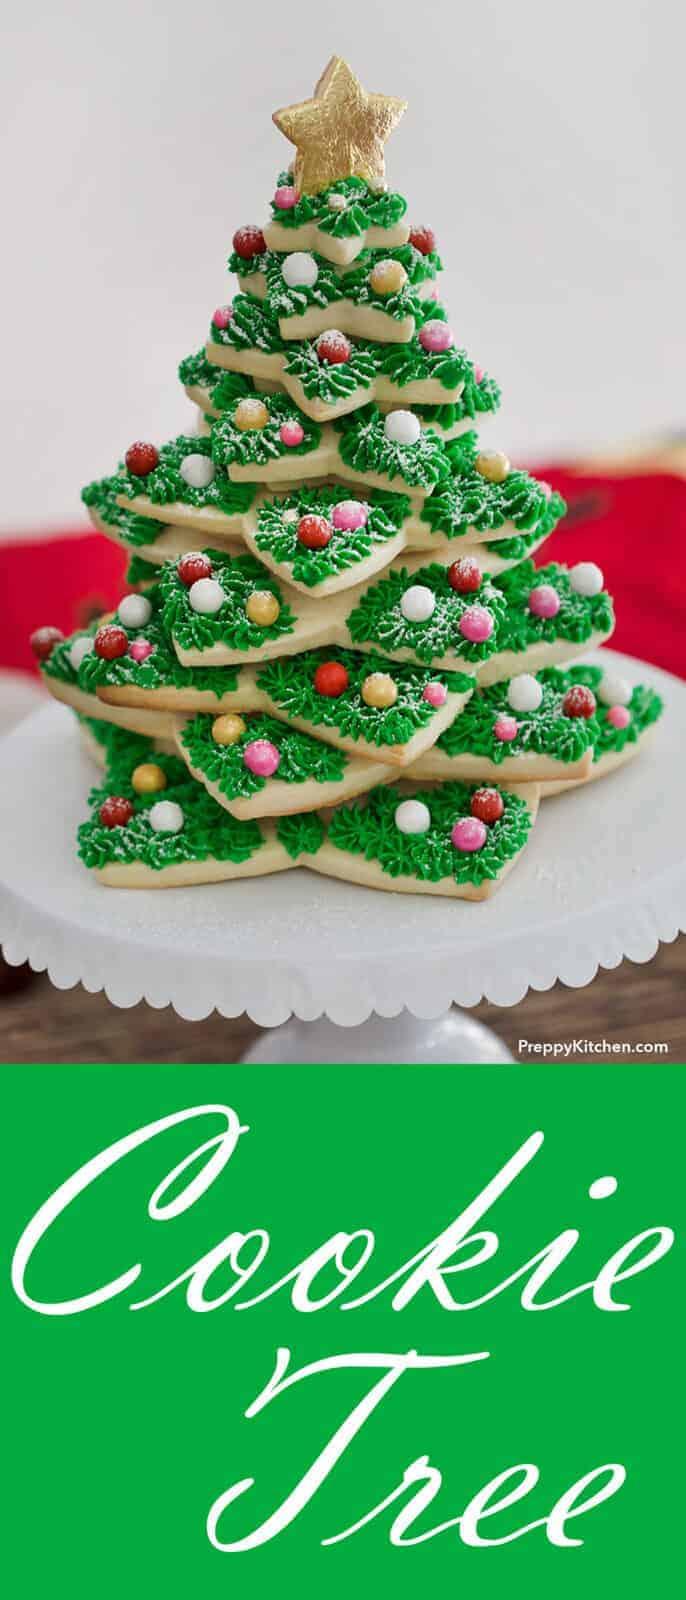 Cookie Tree - Preppy Kitchen